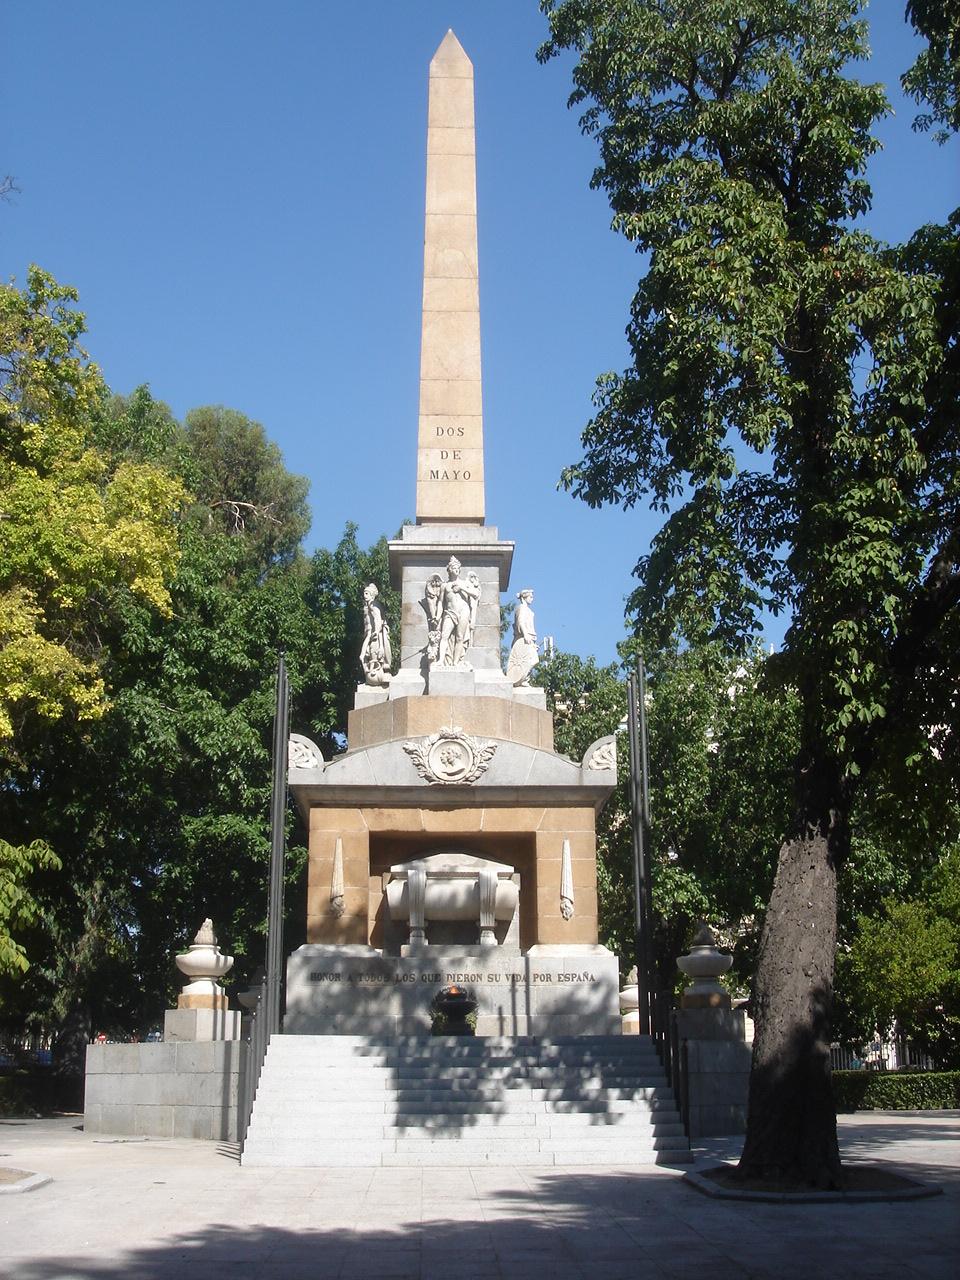 EJÉRCITO DE TIERRA ESPAÑOL - Página 2 Obelisco_Dos_de_mayo_%28Madrid%29_03